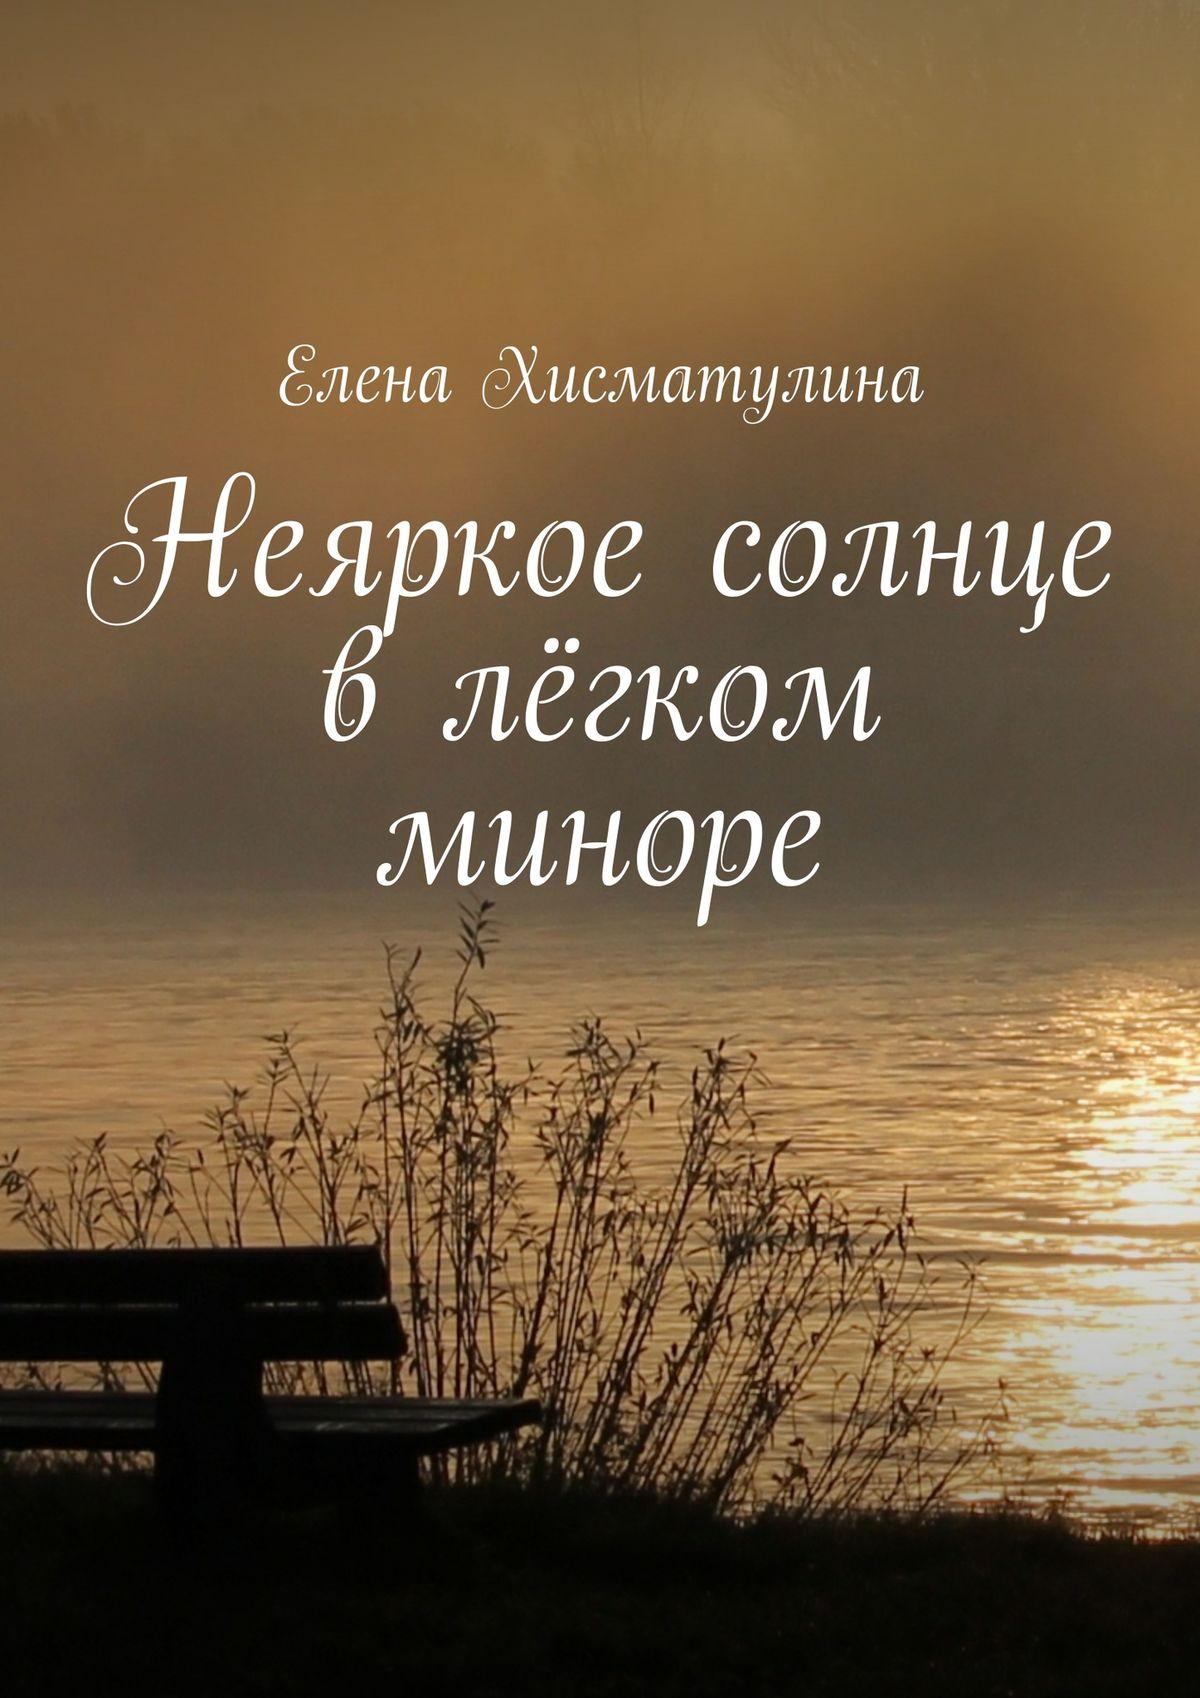 Елена Хисматулина Неяркое солнце влёгком миноре татьяна вольтская влёгкомогне стихи